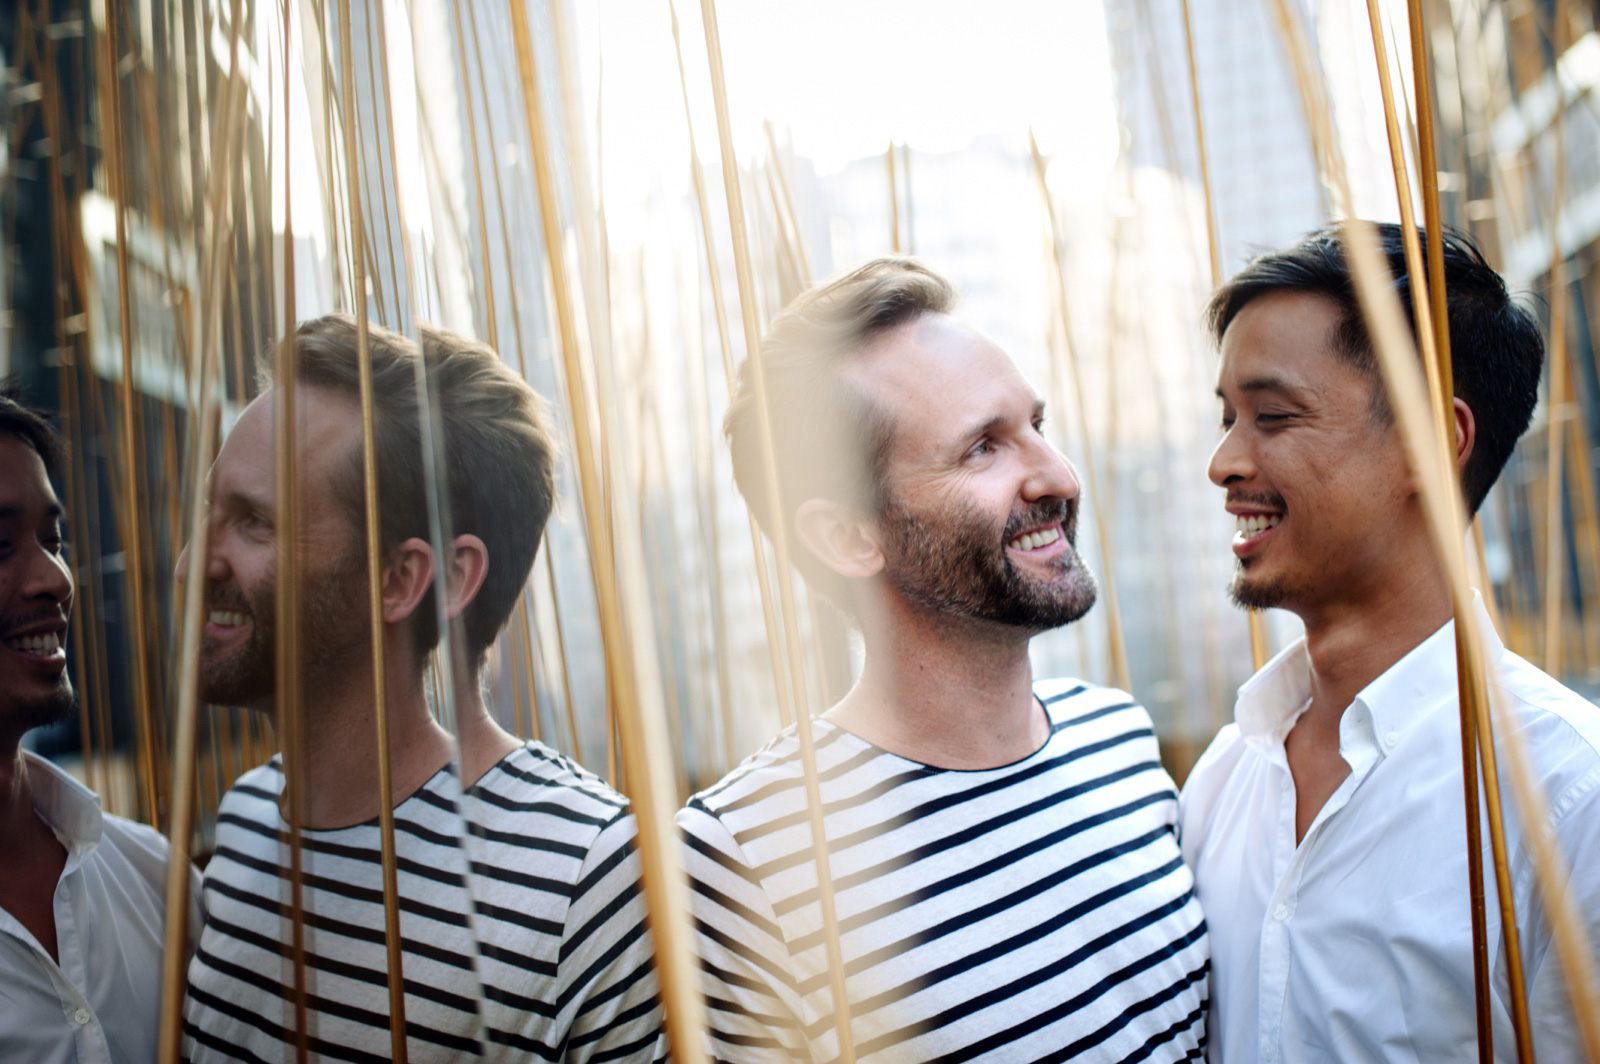 Men in reeds